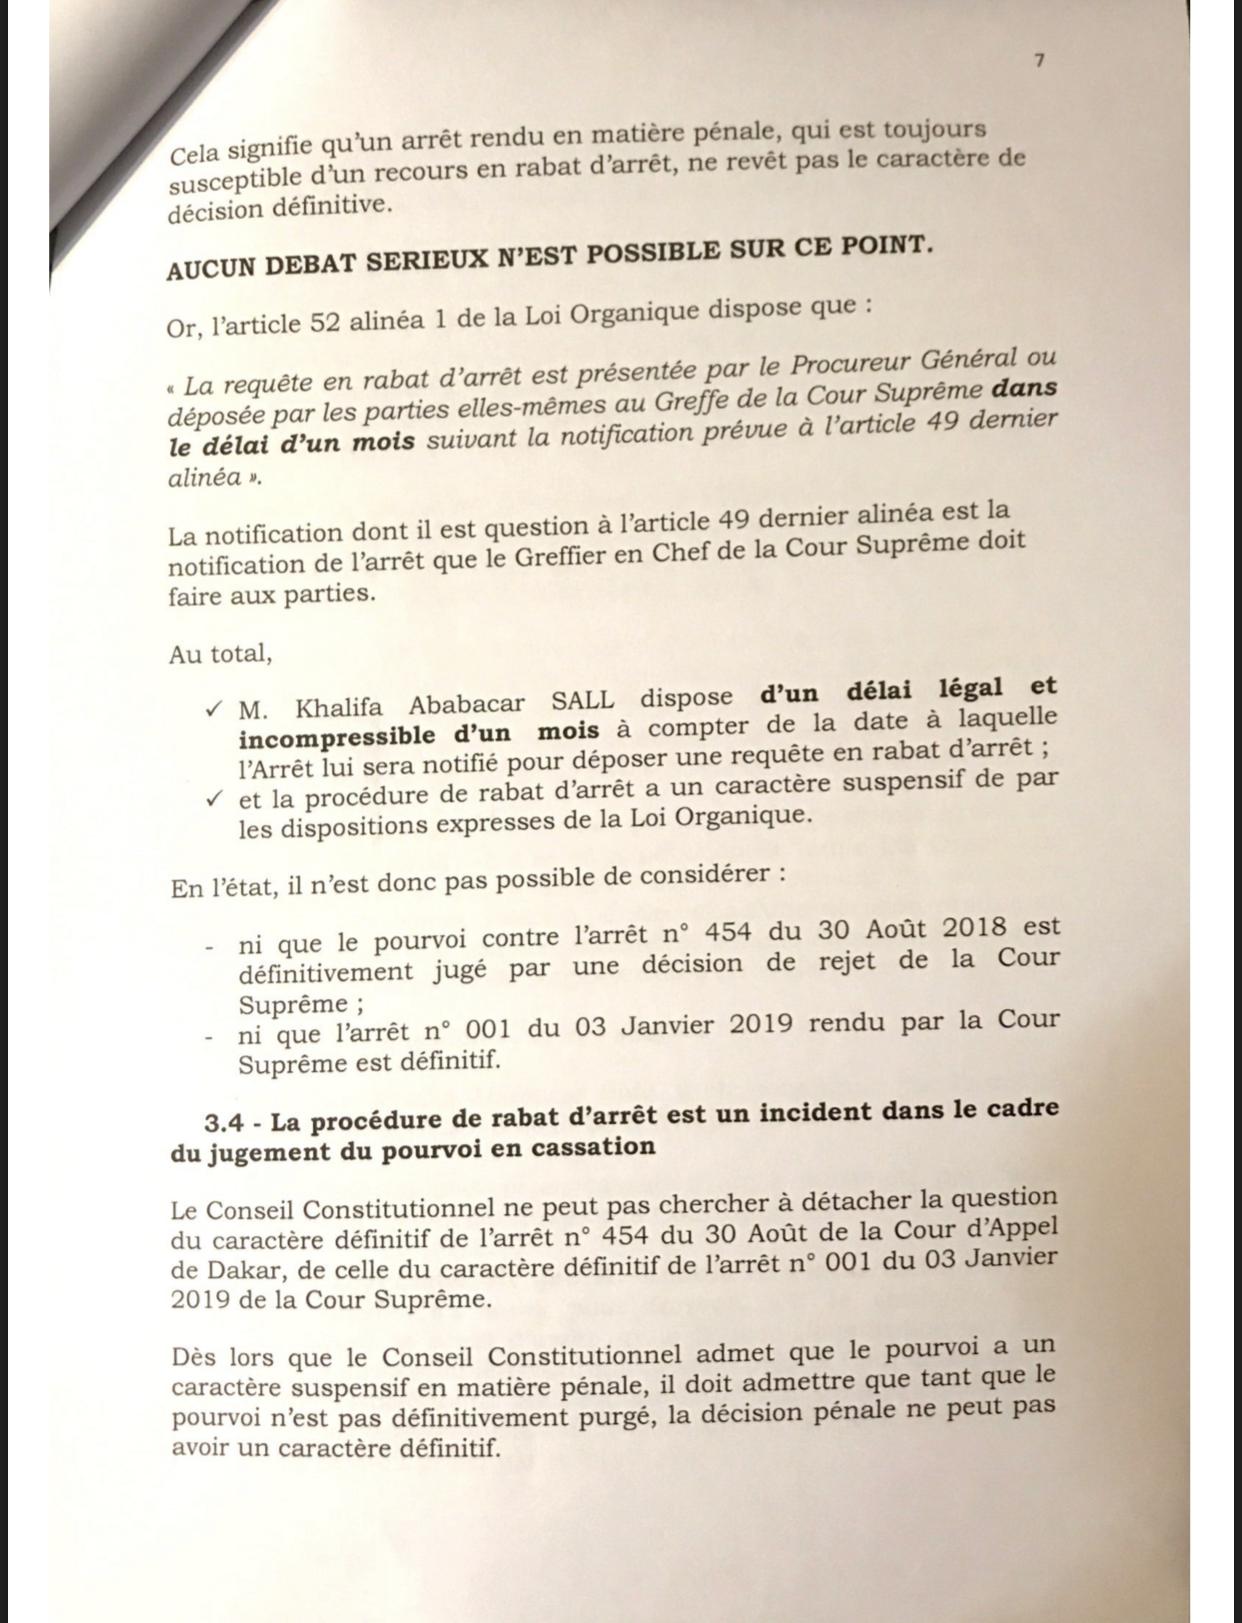 L'intégralité de la requête portant réclamation déposée auprès du Conseil Constitutionnel par le candidat à l'élection présidentielle Khalifa Ababacar Sall (DOCUMENTS)